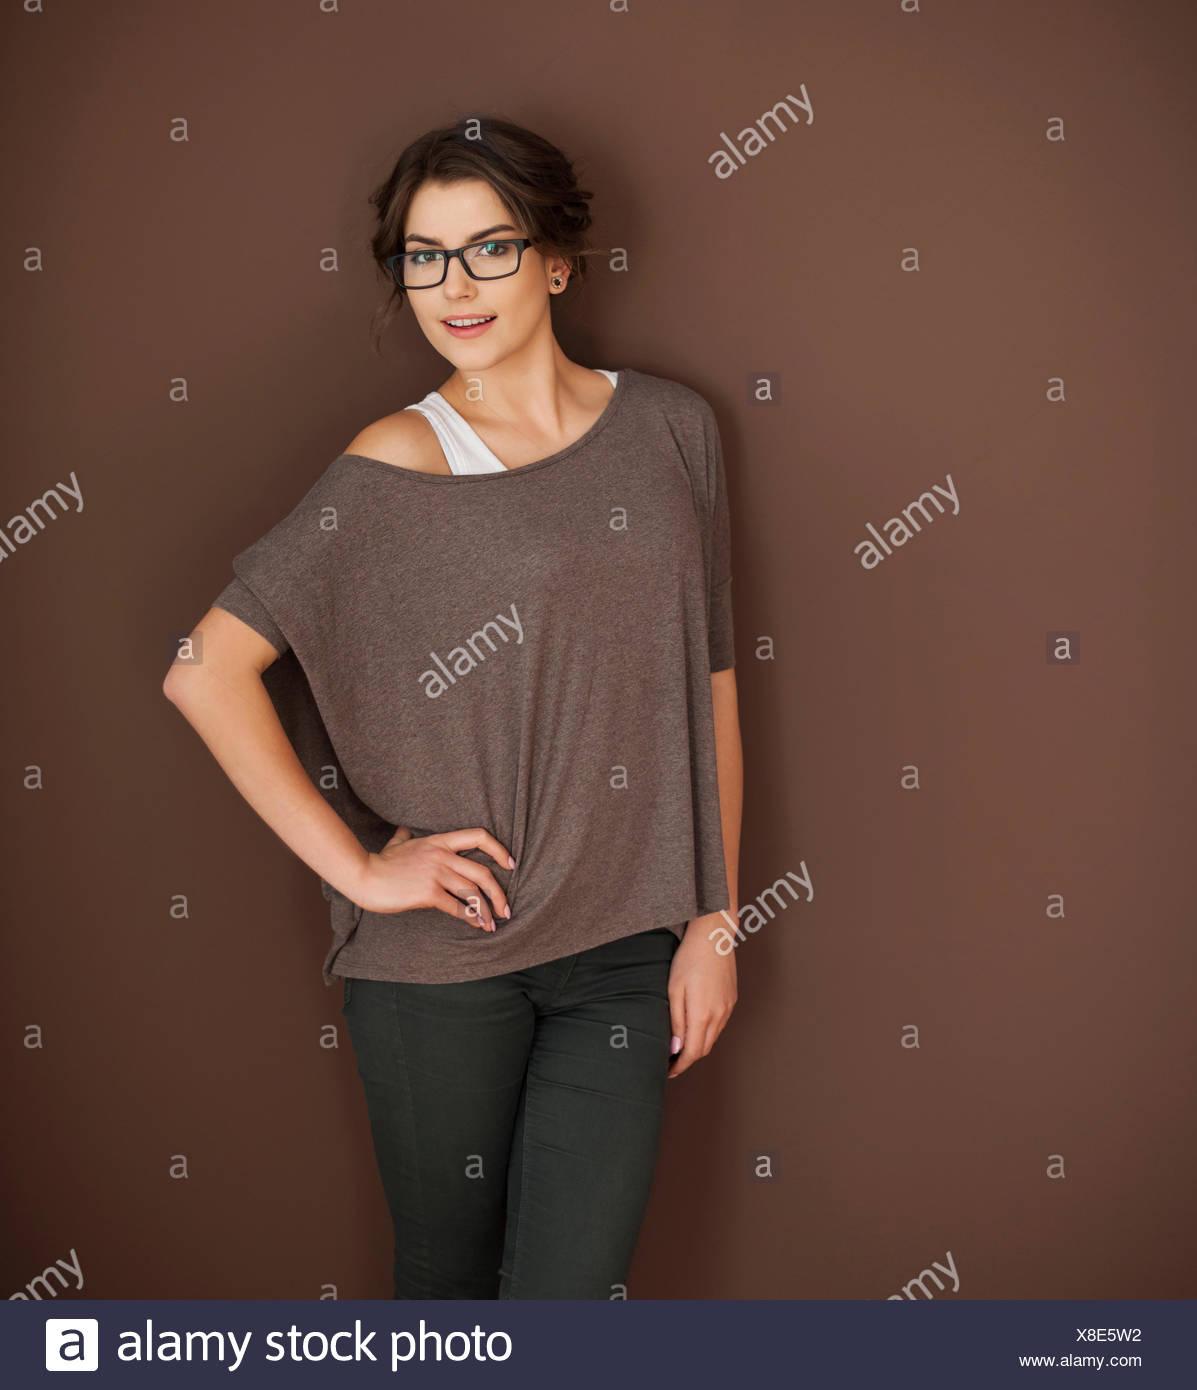 Hermosa mujer posando contra el fondo marrón Imagen De Stock